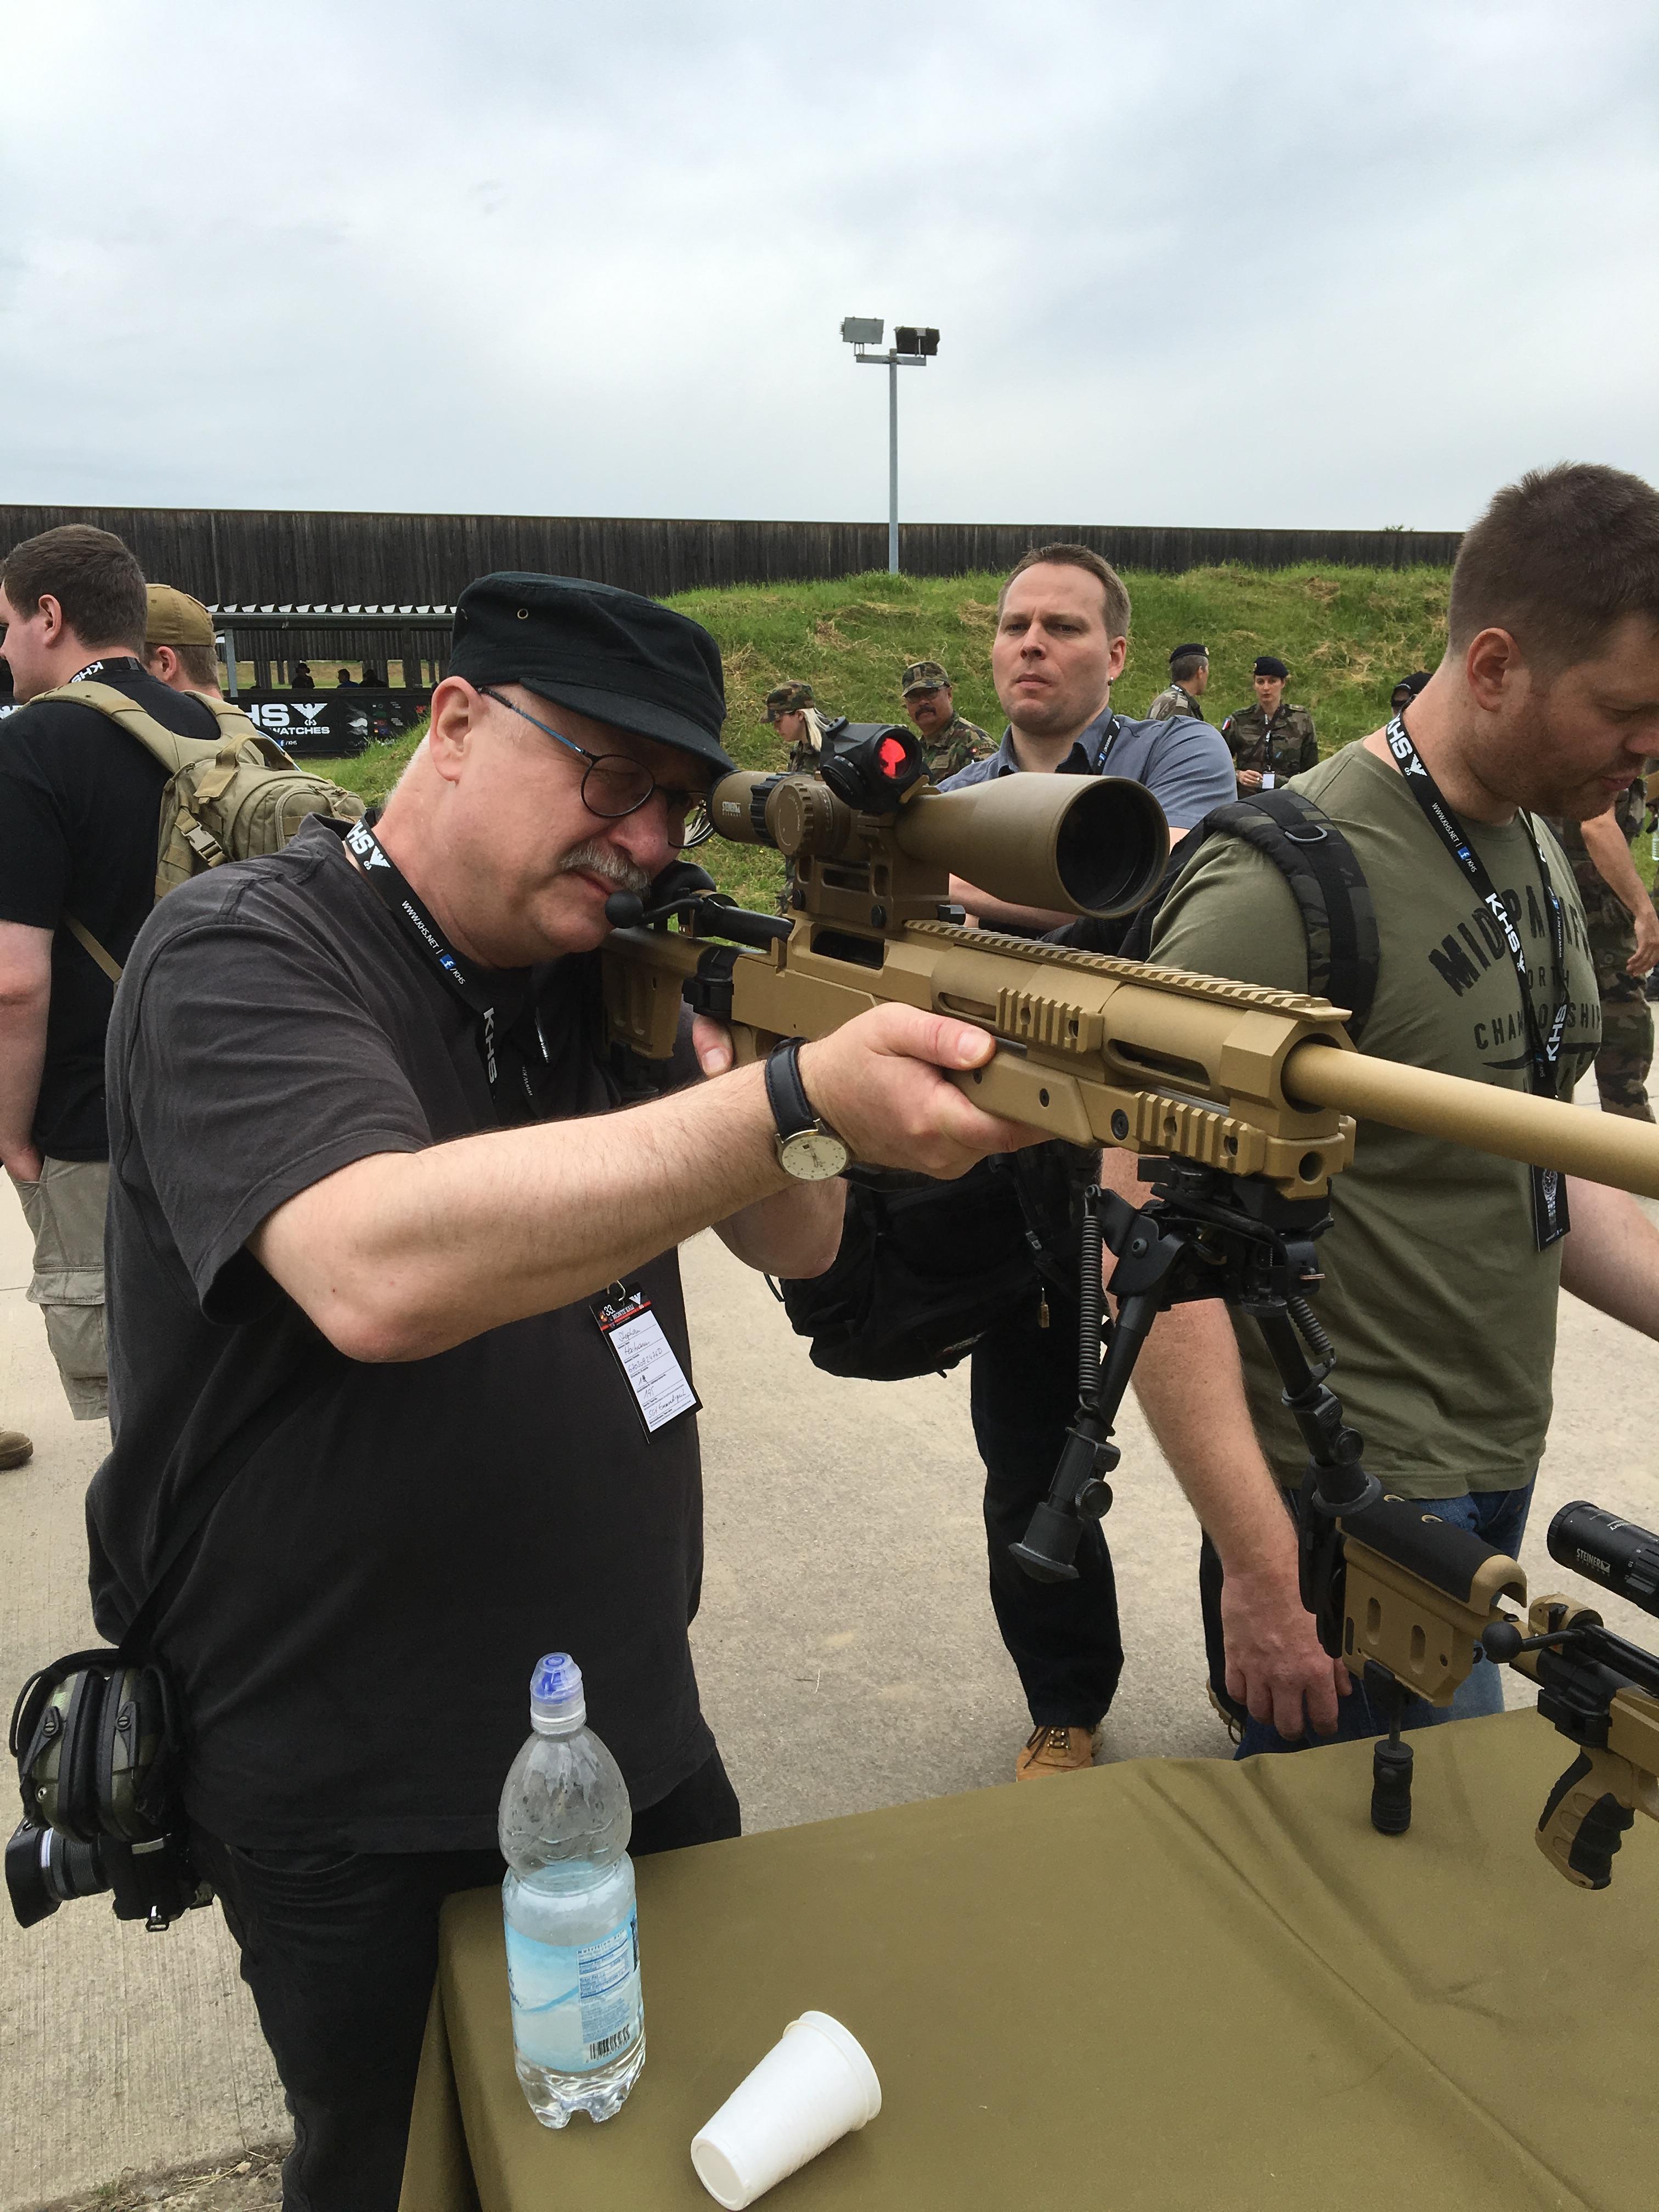 Stephan mit Scharfschützengewehr